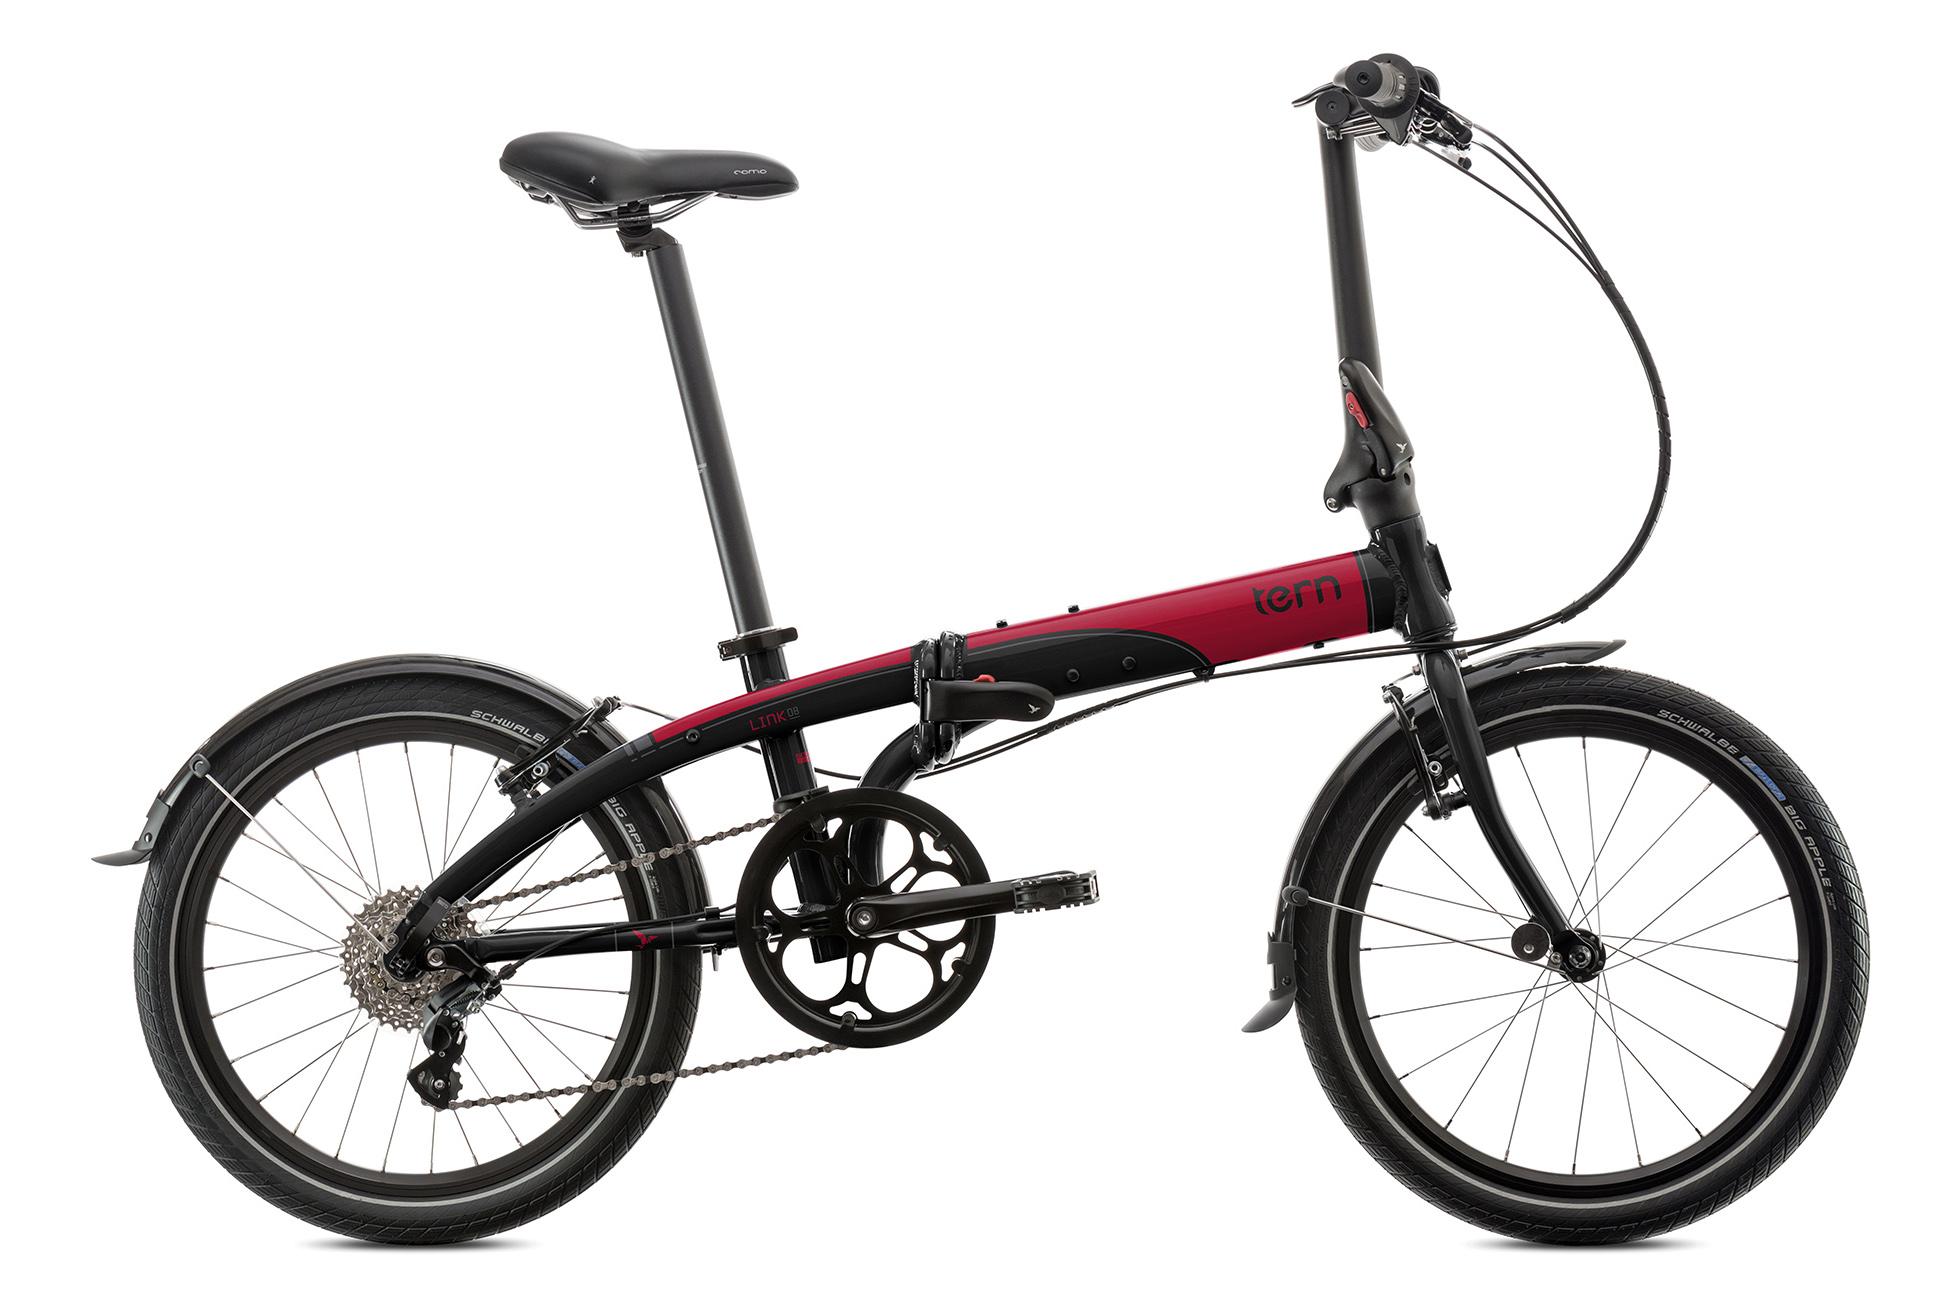 Bici Pieghevole Tern.Biciclette Pieghevoli La Stazione Delle Biciclette